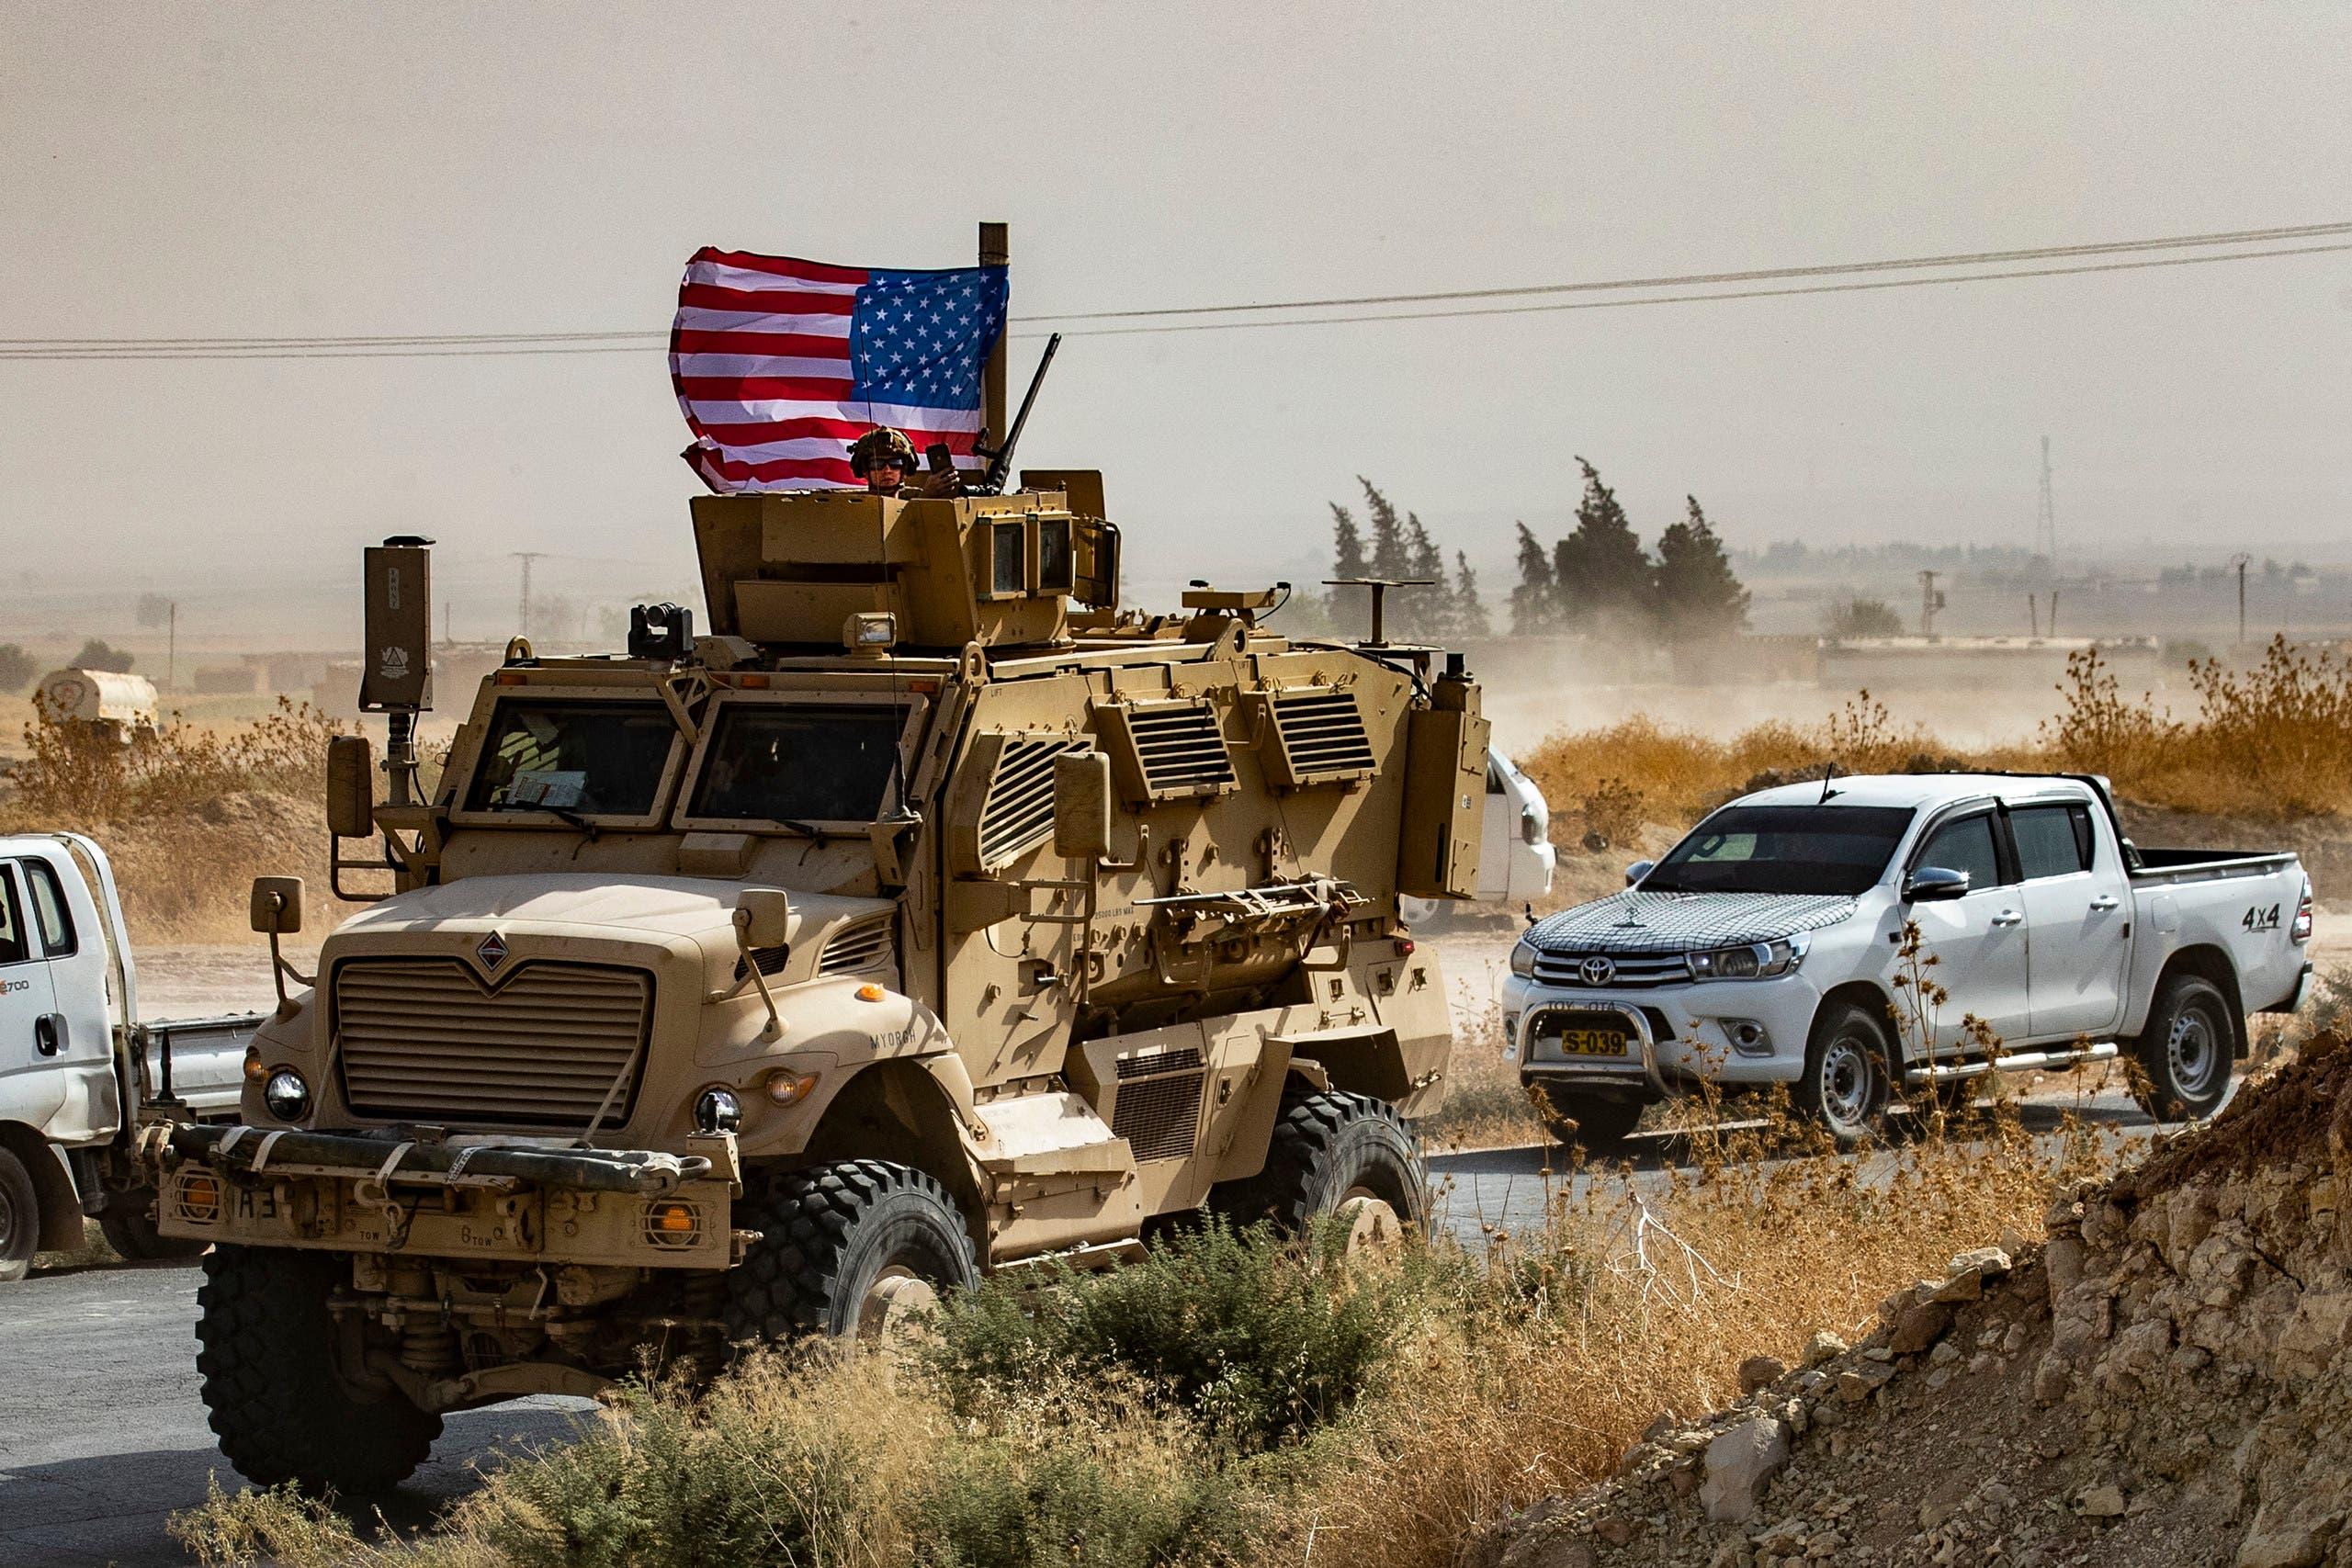 آلية عسكرية أميركية في سوريا